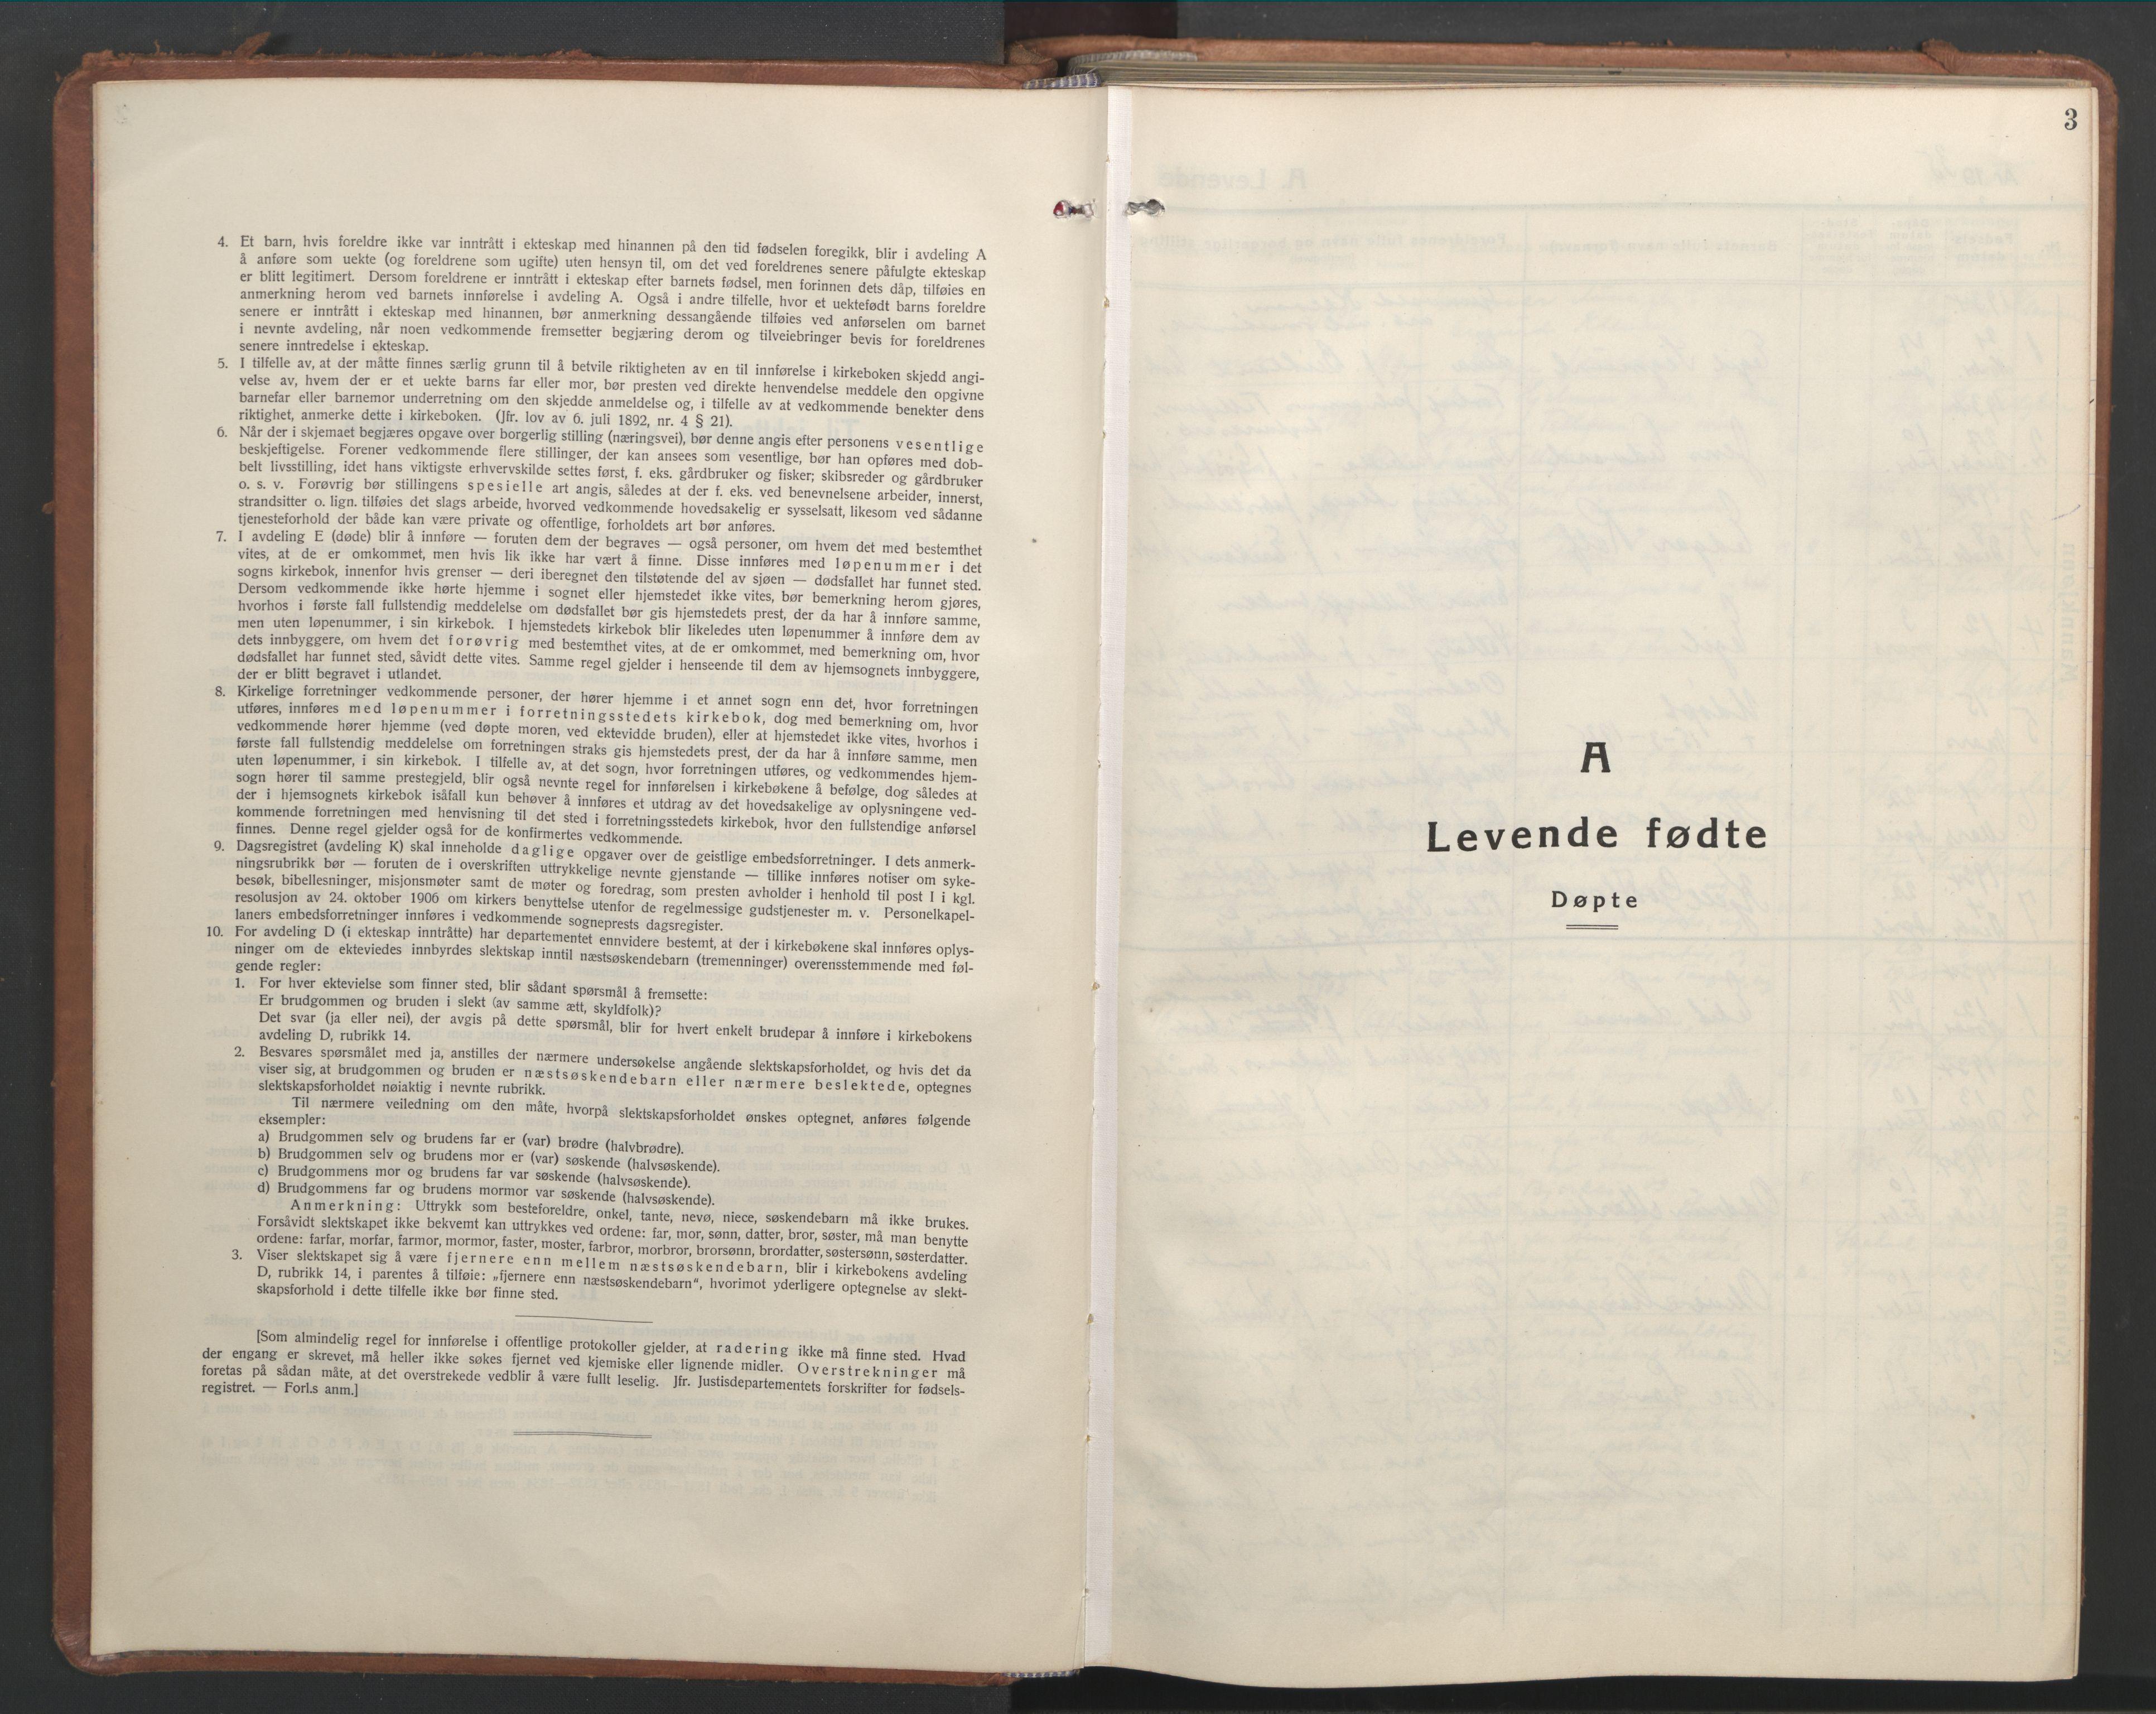 SAT, Ministerialprotokoller, klokkerbøker og fødselsregistre - Nord-Trøndelag, 709/L0089: Klokkerbok nr. 709C03, 1935-1948, s. 3